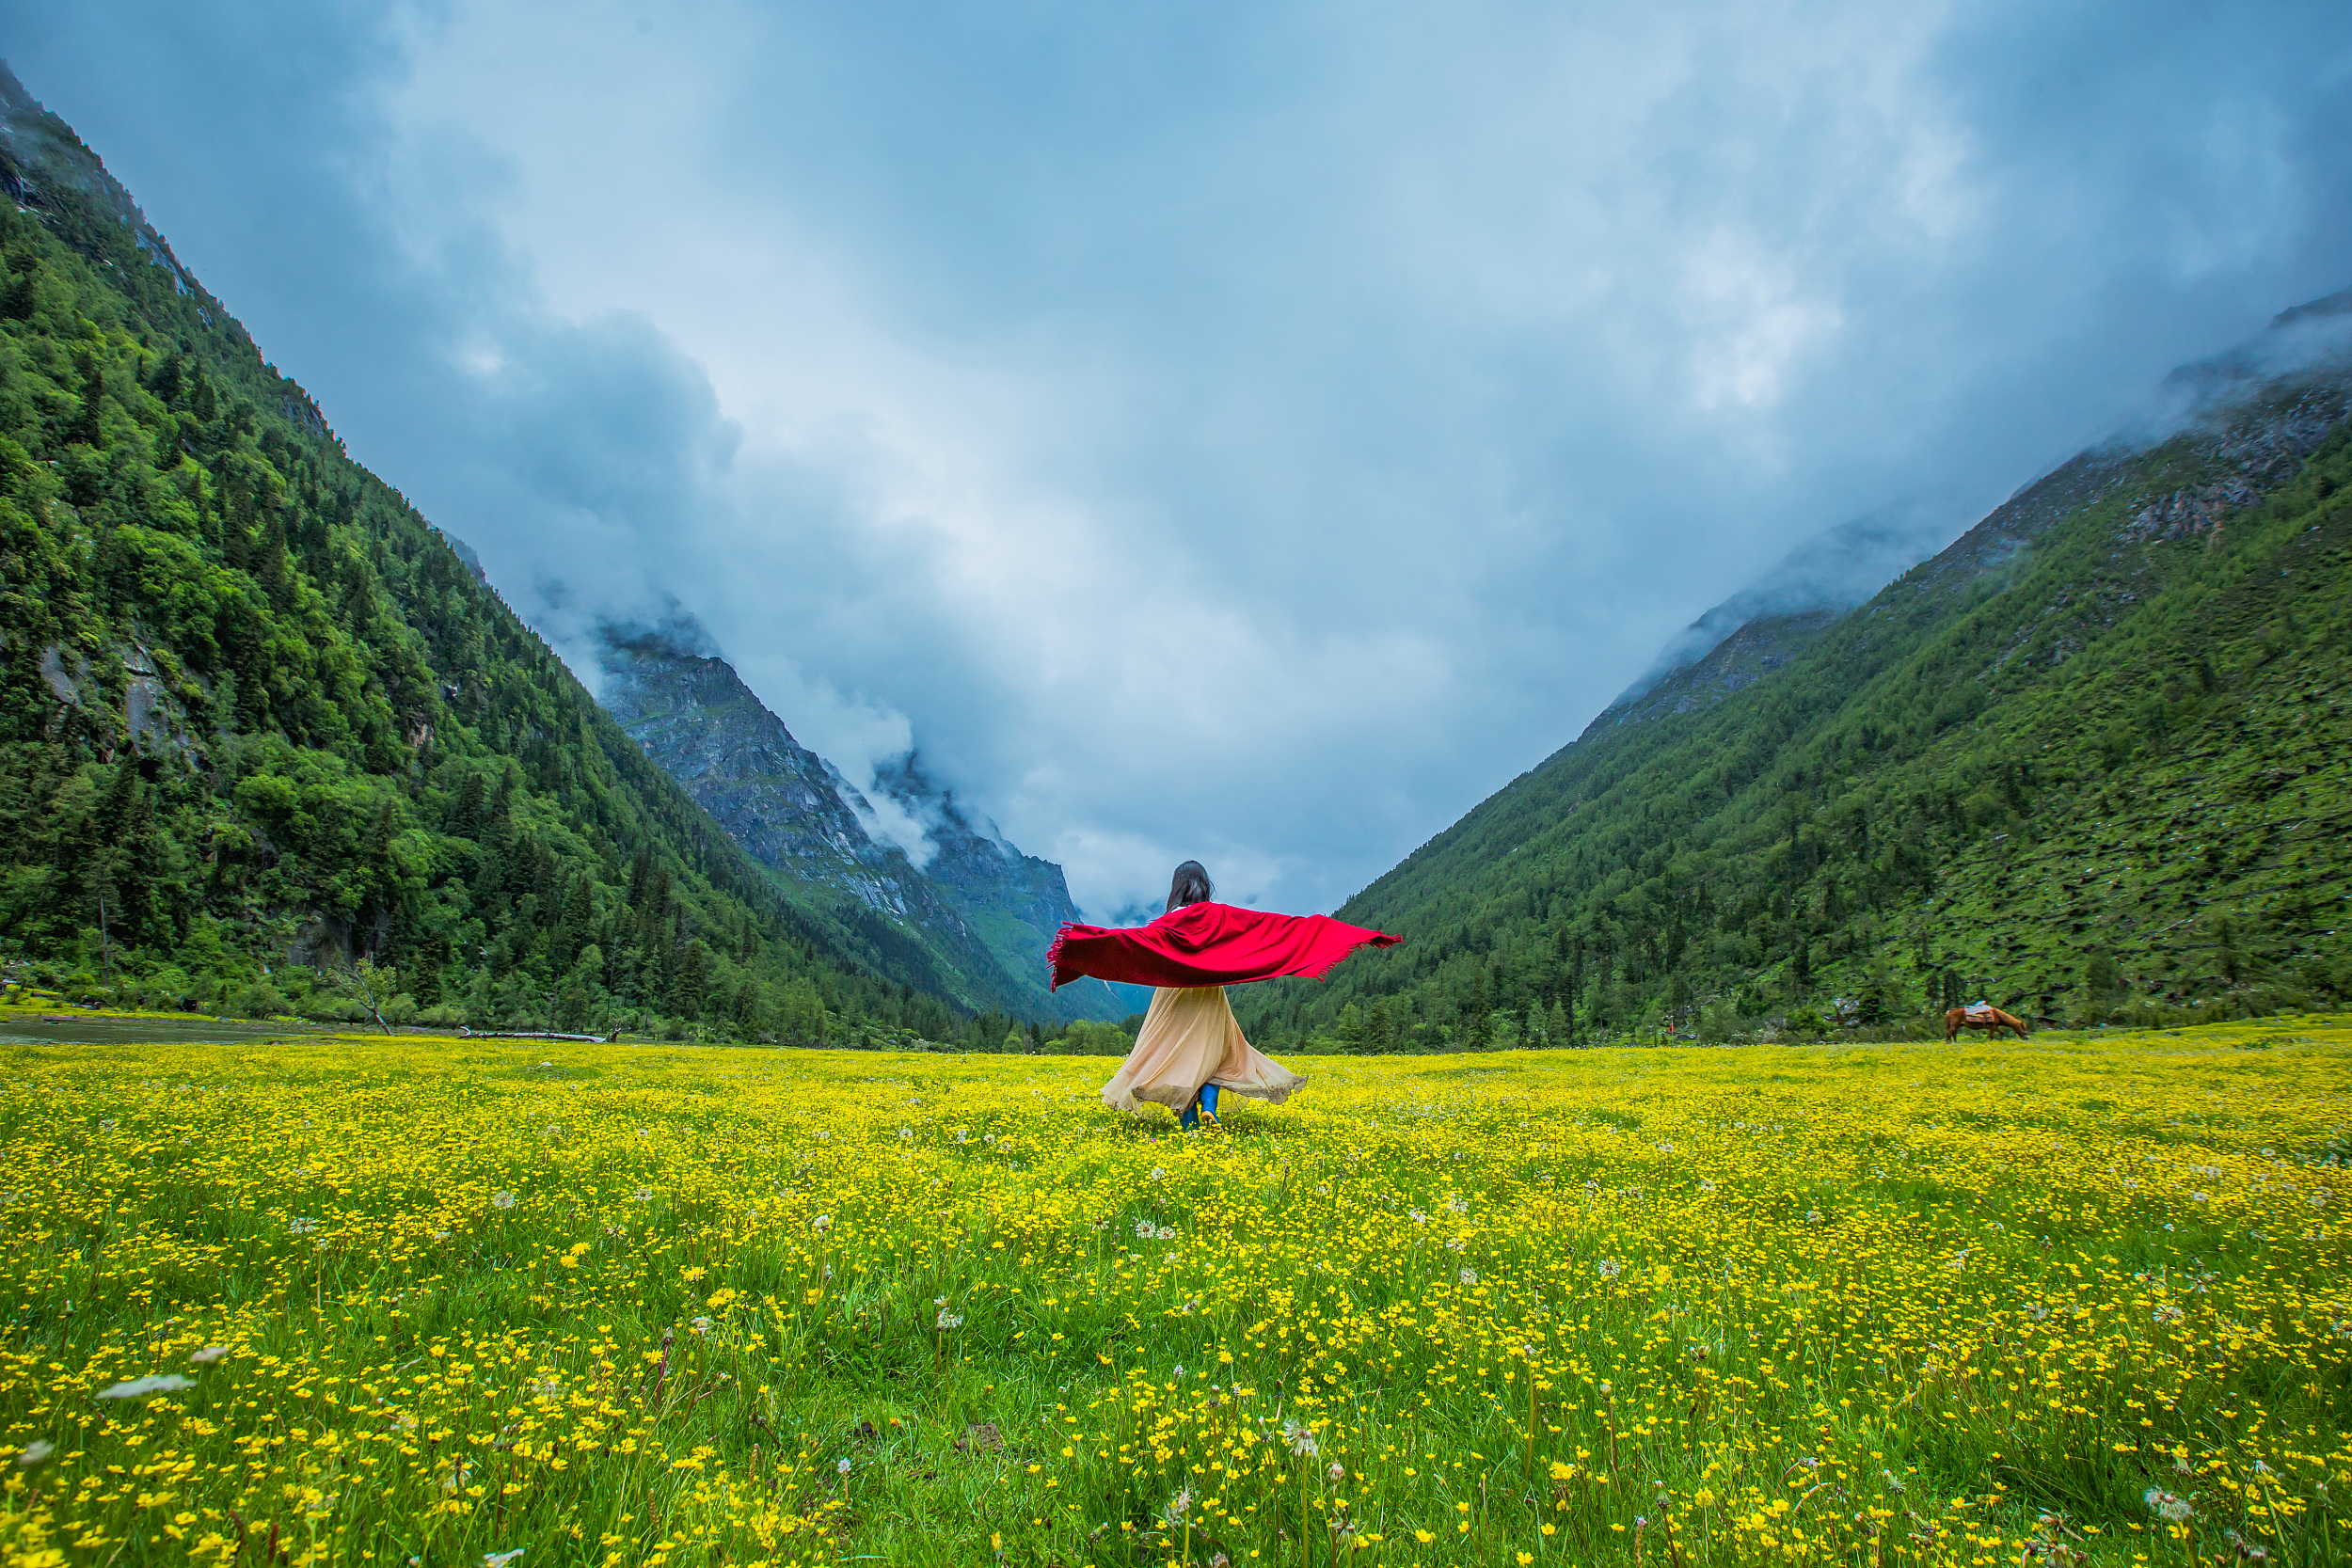 中疾控发布五一假期提示 做好这些享受平安健康小长假